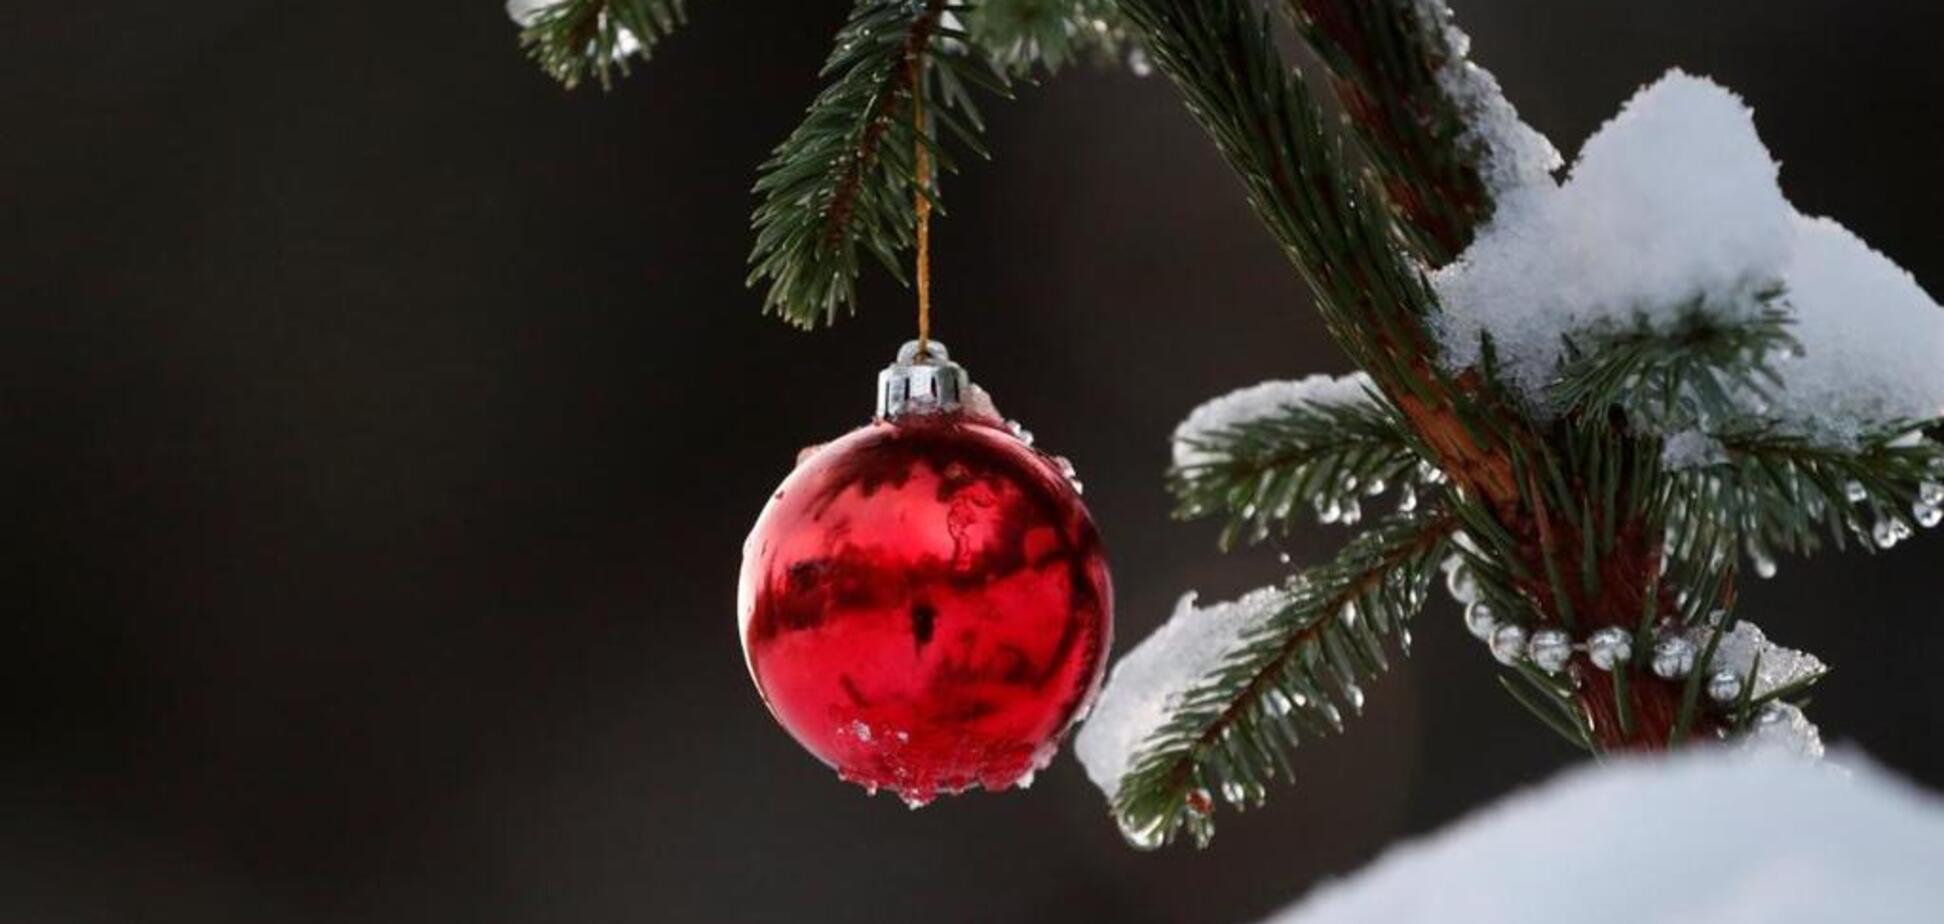 Как встретить Новый год и не навредить экологии: топ-3 полезных советов